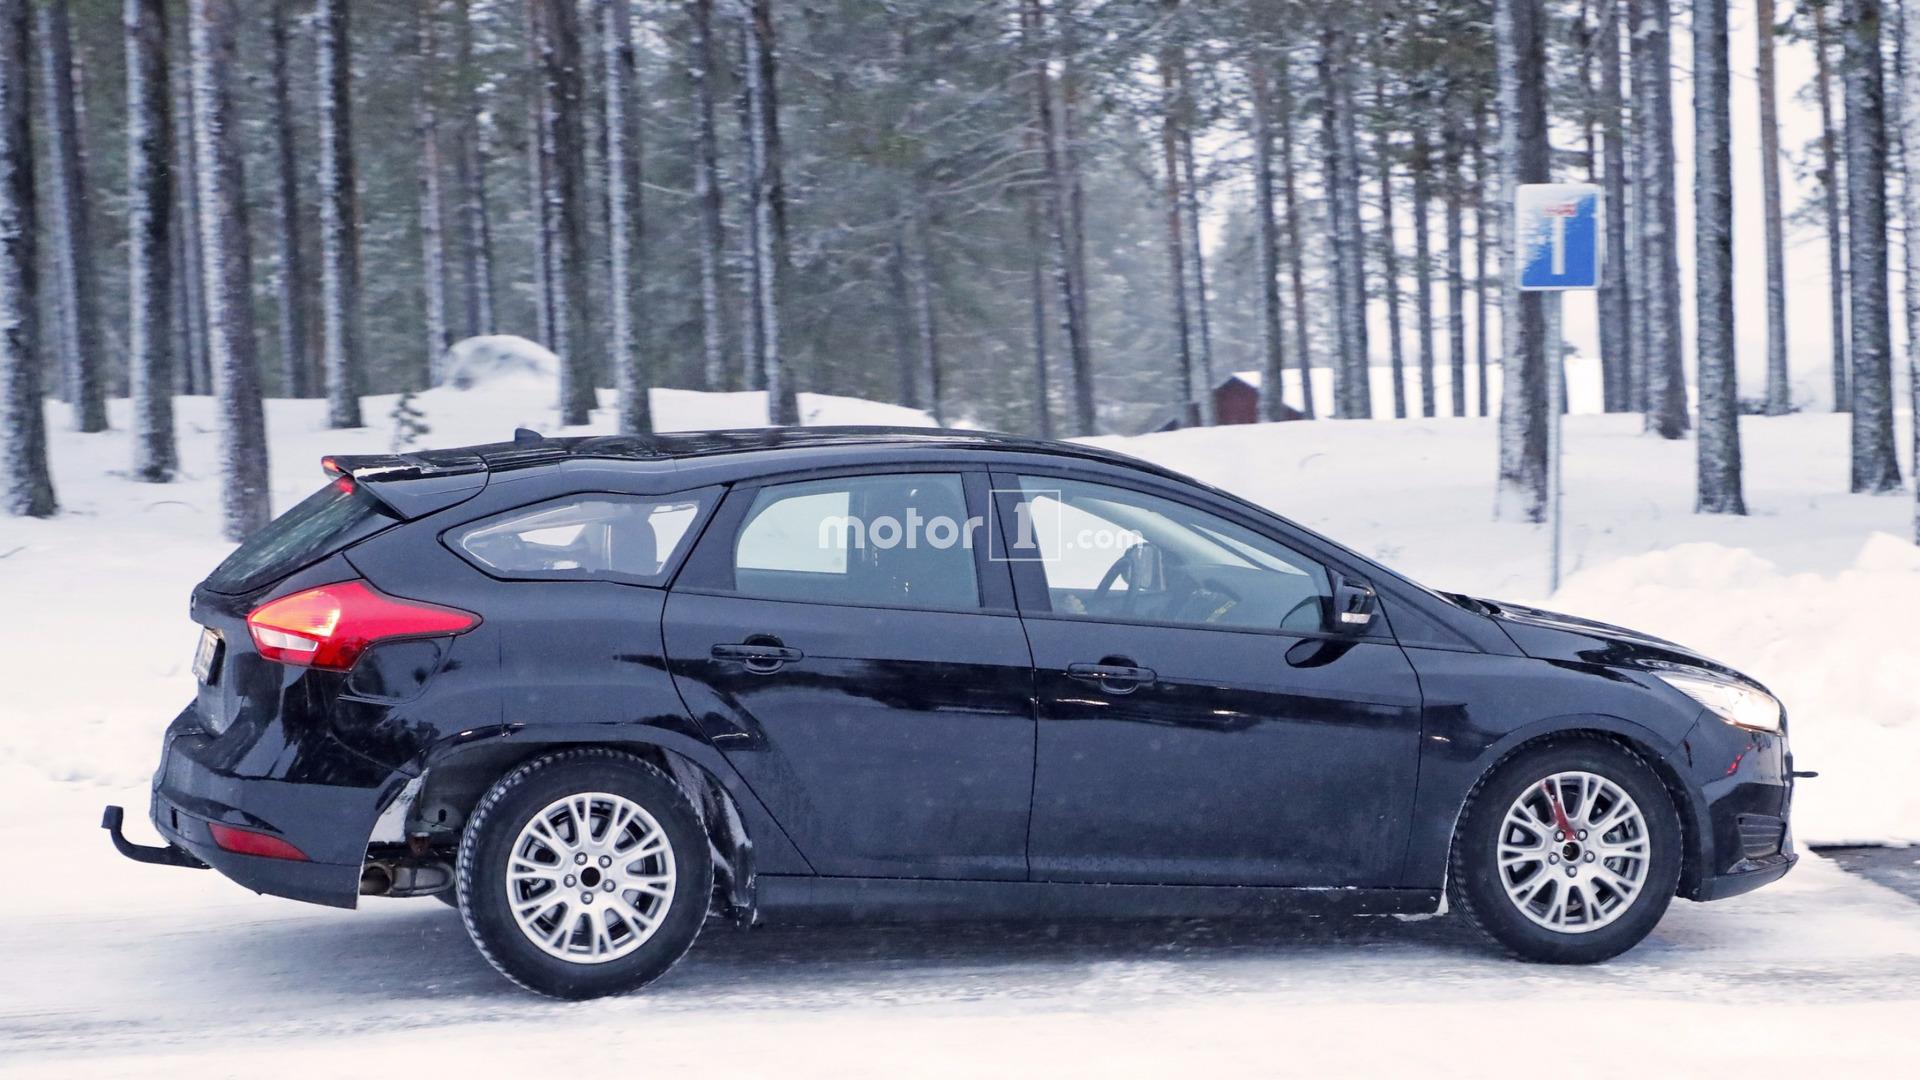 2019-ford-focus-wagon-test-mule-spy-photo.jpg